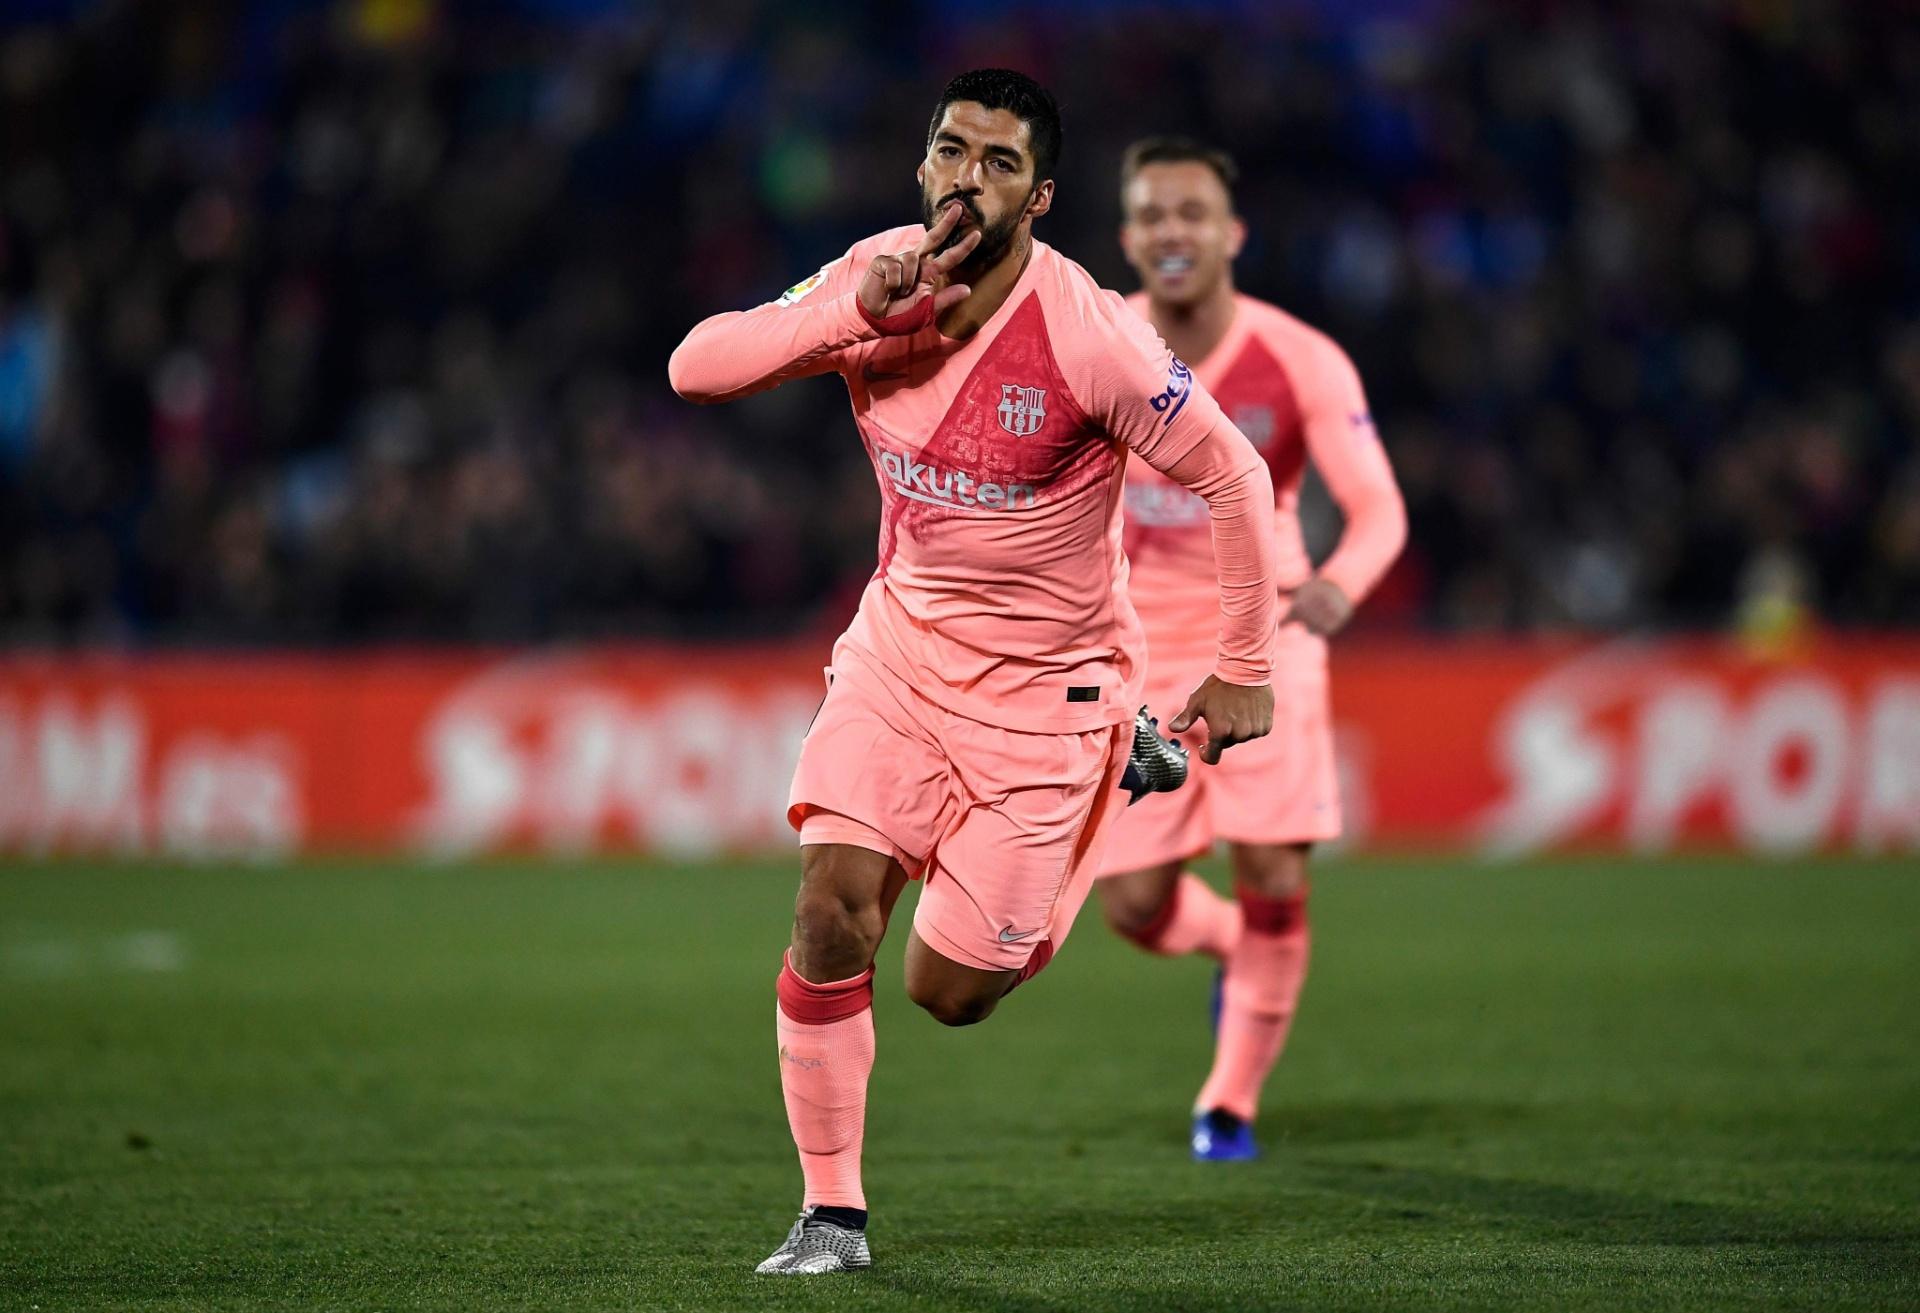 0ec4df209c Barcelona vence fora de casa e abre vantagem na liderança do Espanhol -  Esporte - BOL